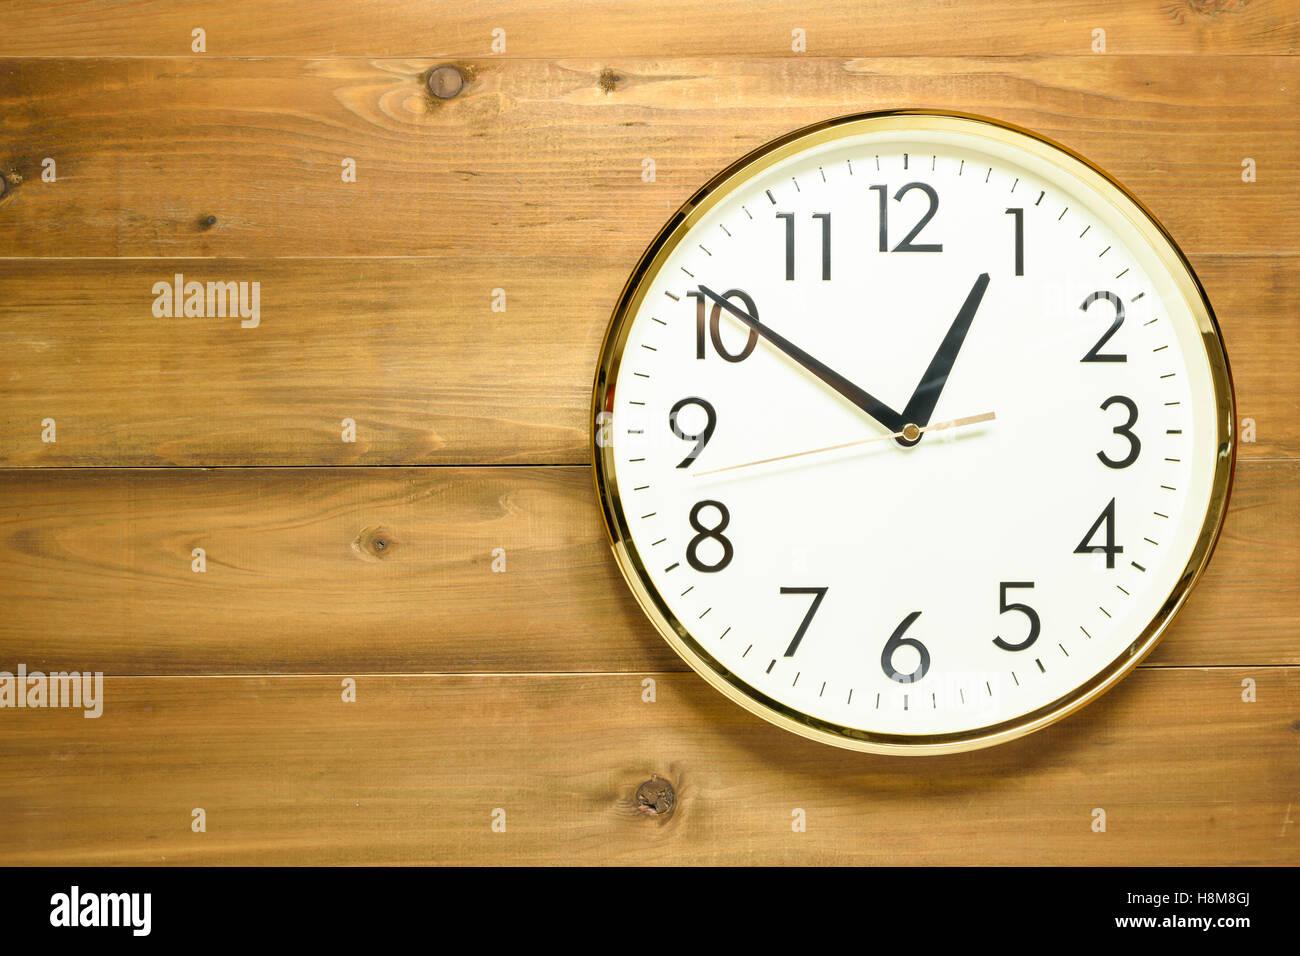 Reloj de pared en la pared de madera a comienzos de la tarde Imagen De Stock